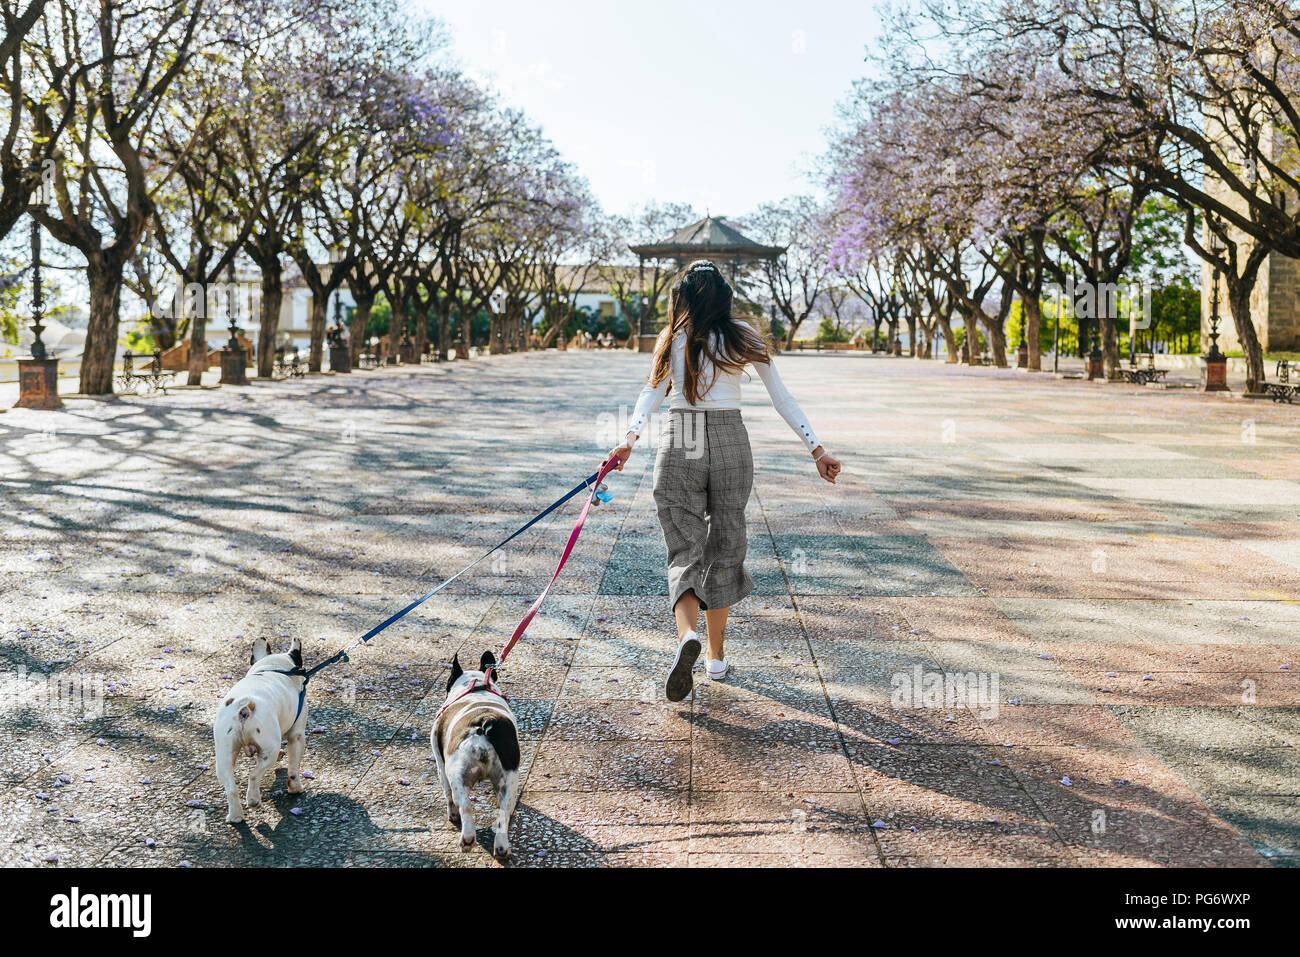 Espagne, Andalousie, Jerez de la Frontera, femme d'exécution avec deux chiens sur square Photo Stock